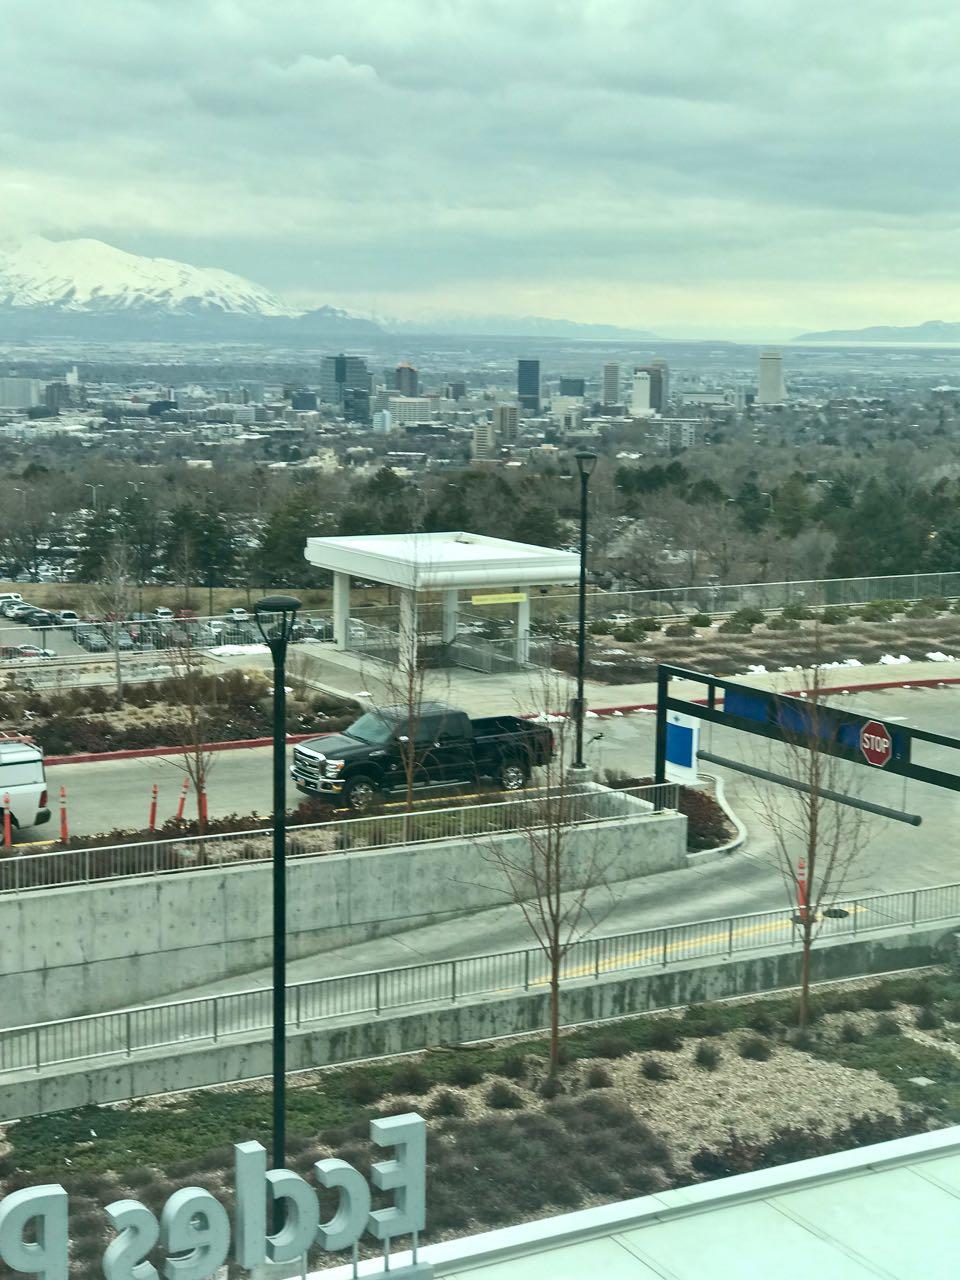 I love Salt Lake City!